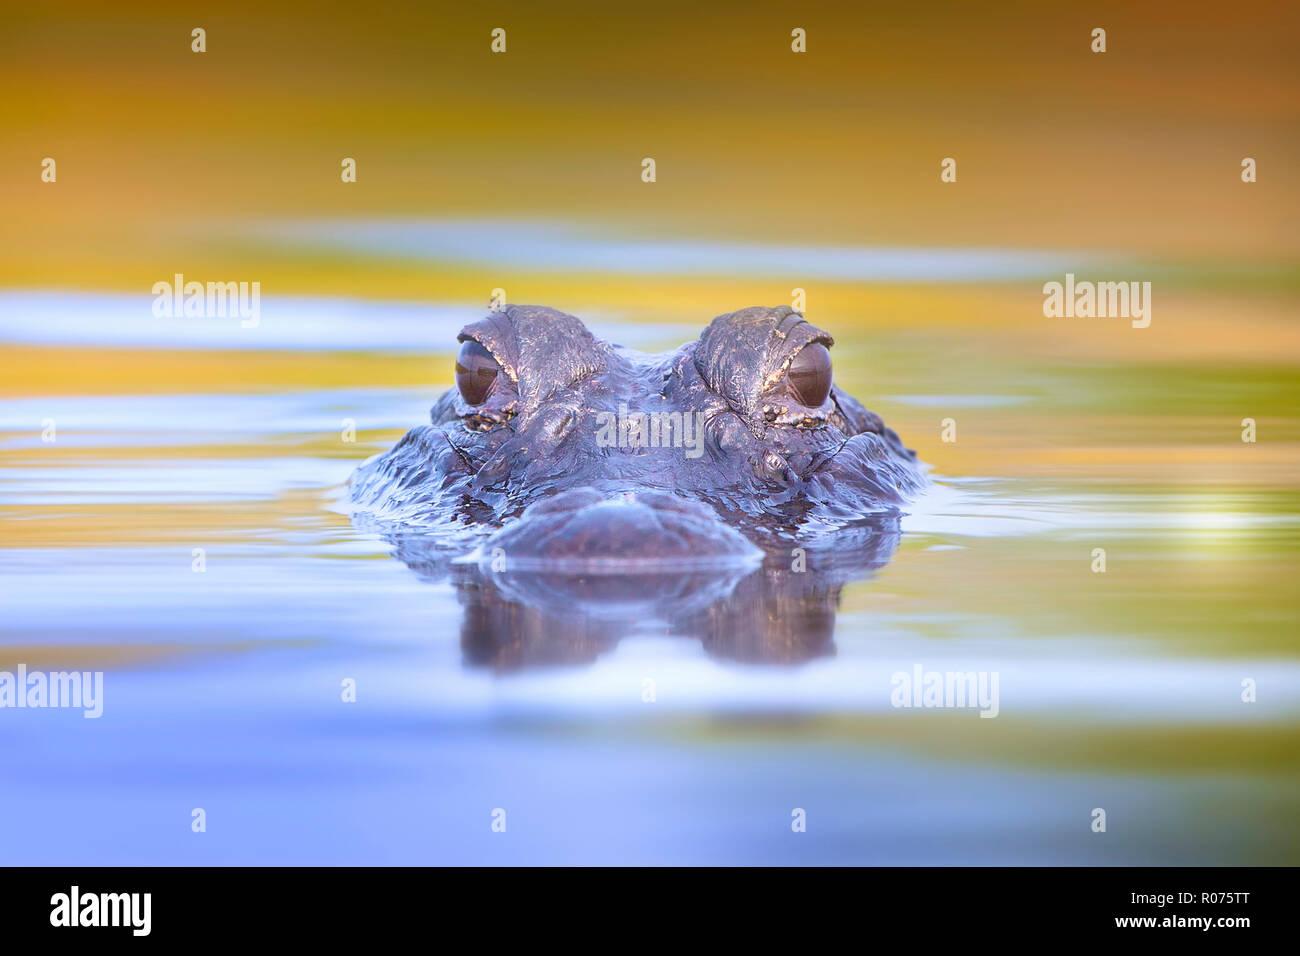 Un jeune Alligator surfaces dans les Everglades de Floride. Banque D'Images